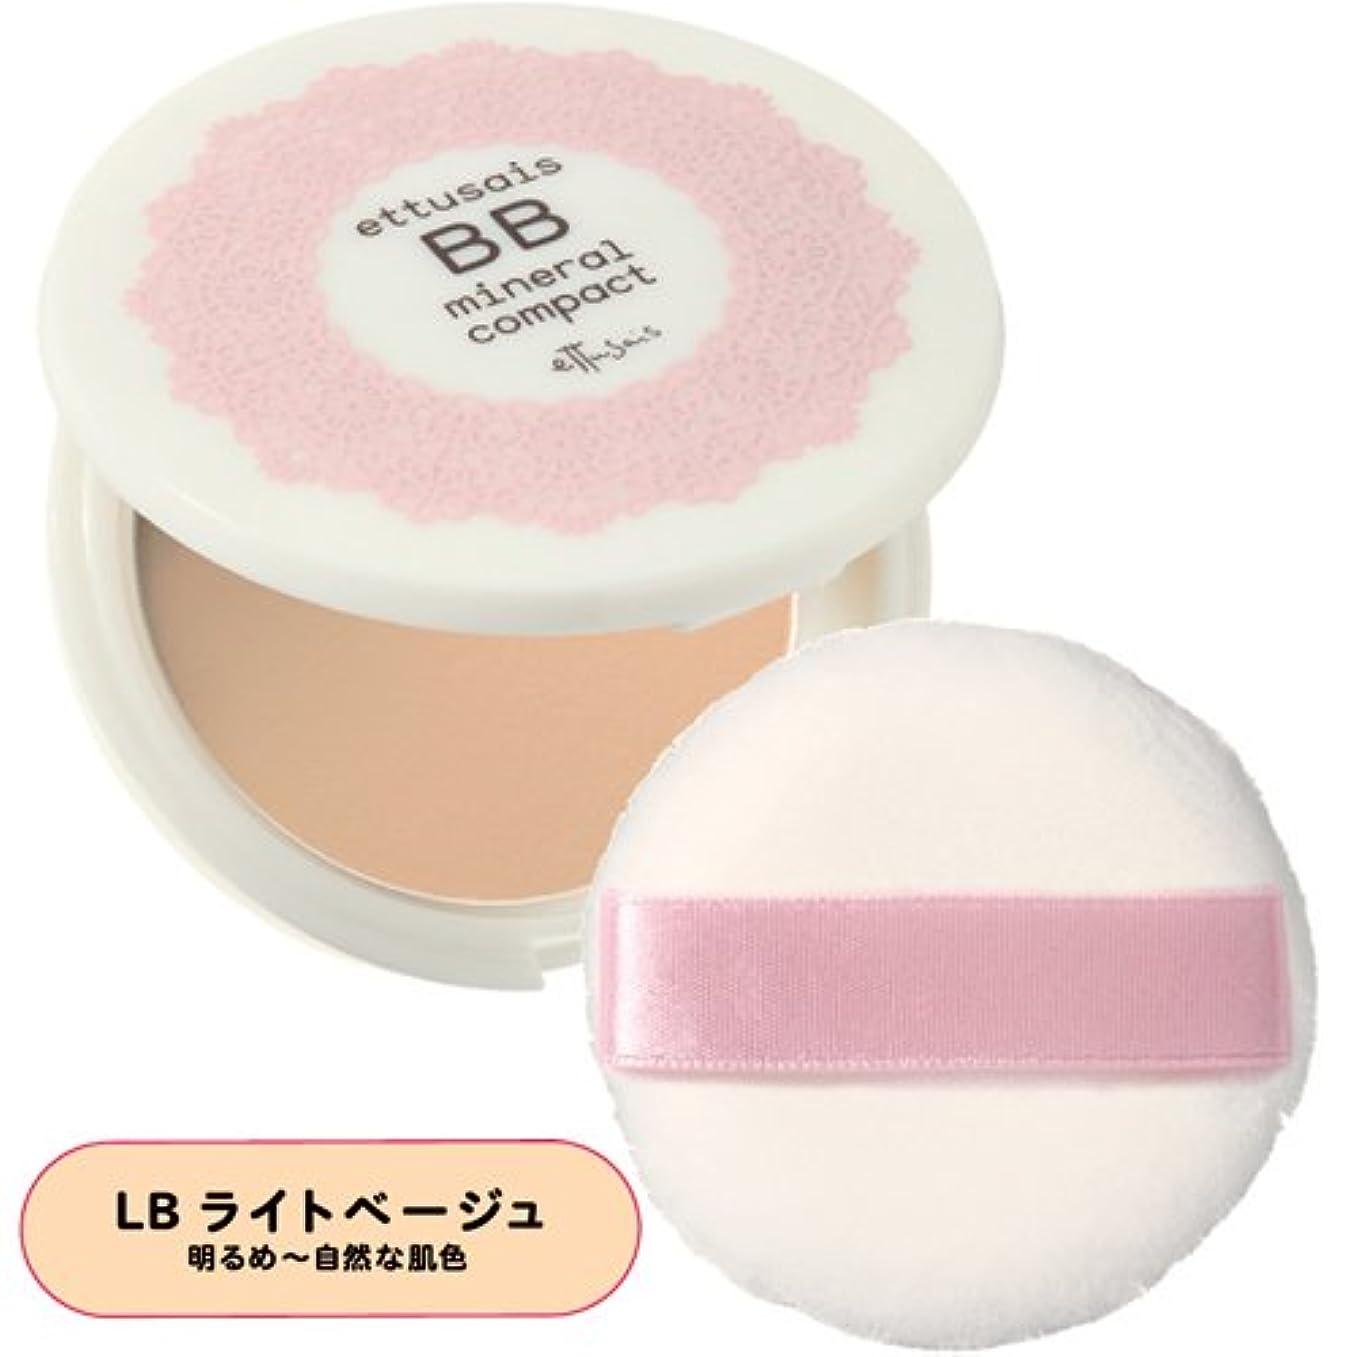 薬用ボード注入エテュセ BBミネラルコンパクト LB(ライトベージュ) SPF25?PA++ 7g